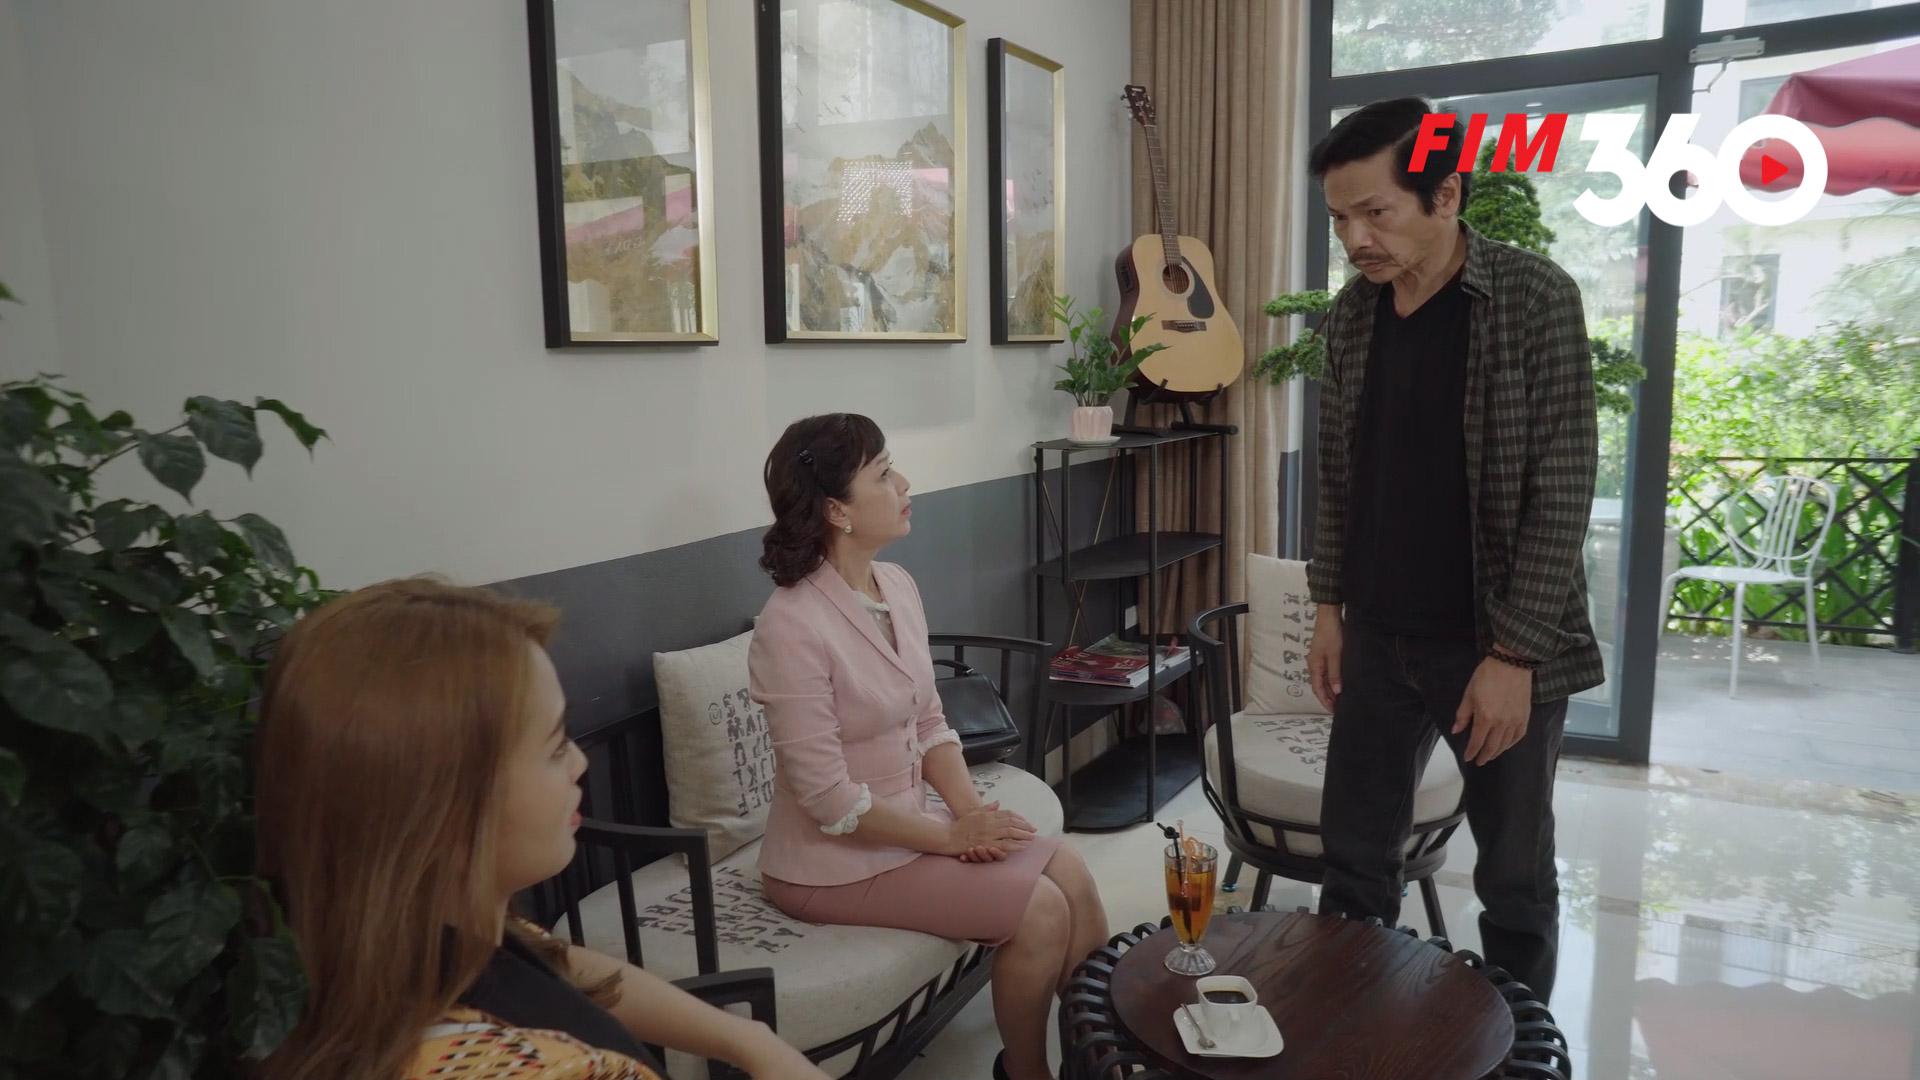 Ông Tôn 'lật bài ngửa', tuyên bố Huấn không thể cướp lấy Hà Vy trong tập 36 'Mặt nạ hạnh phúc' 10